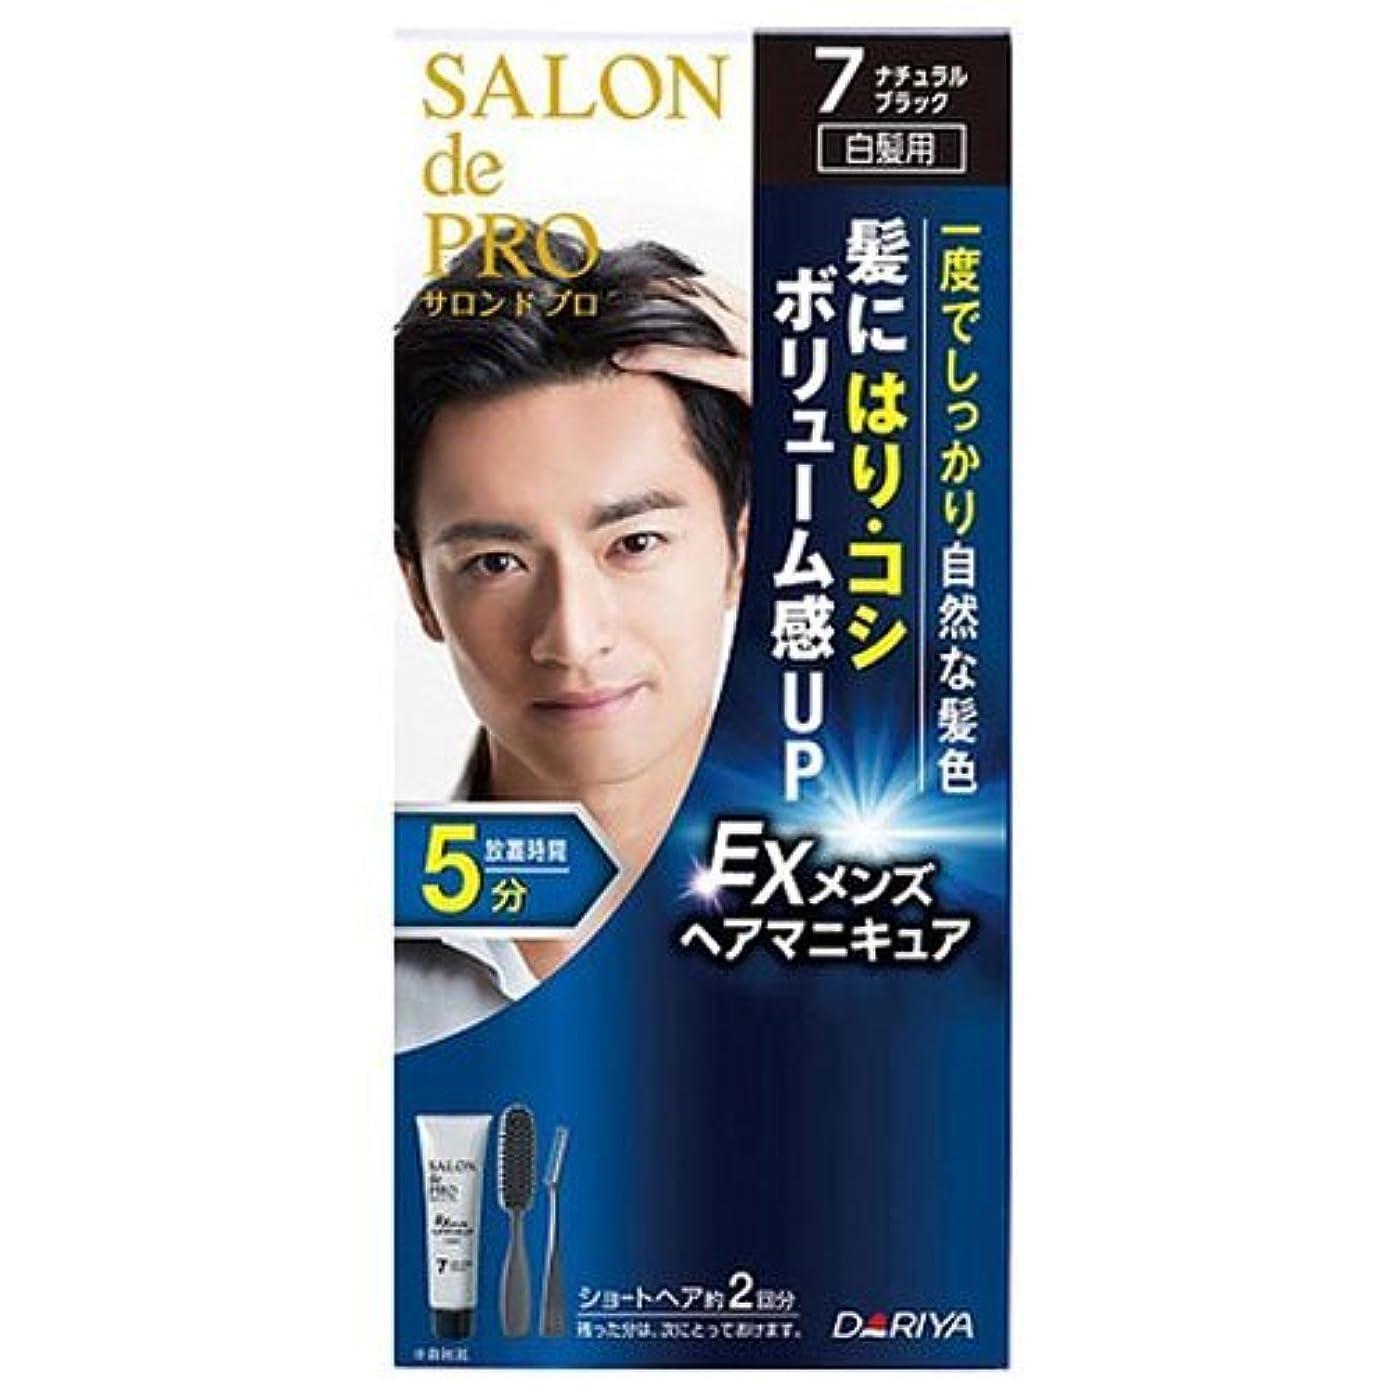 病者前前方へサロンドプロ EXメンズヘアマニキュア 白髪用 7 ナチュラルブラック